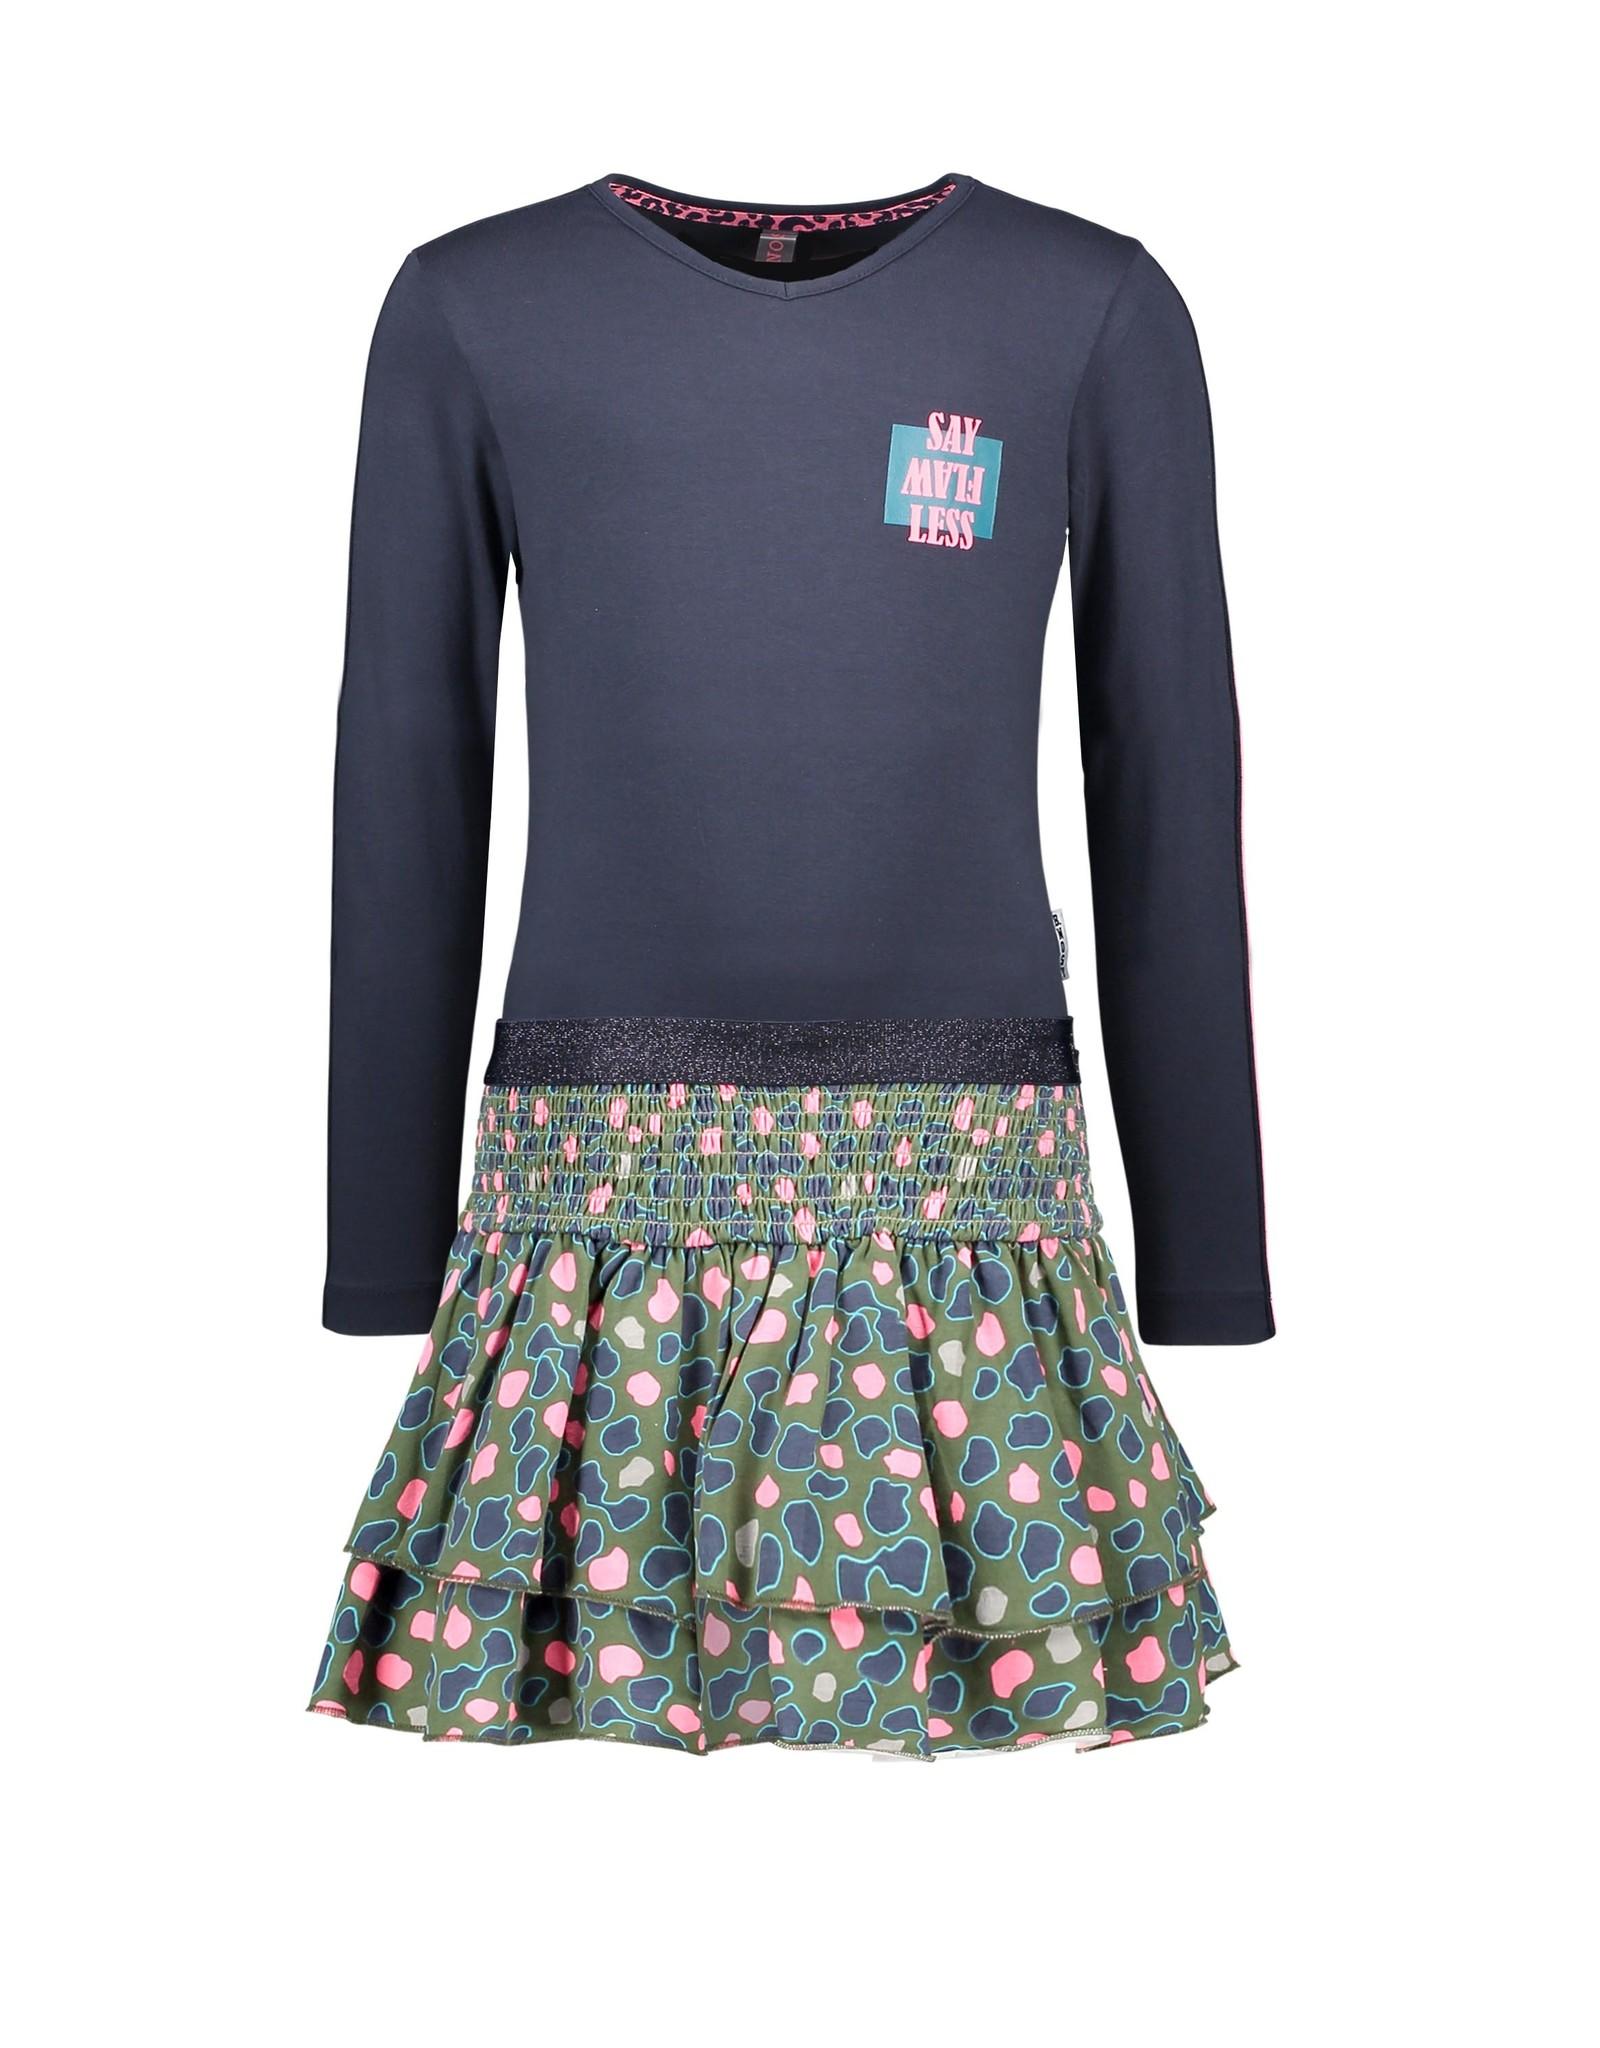 B-Nosy Girls dress with aop spots skirt, ruffles aop sleeve, elastic in waist, Oxford blue